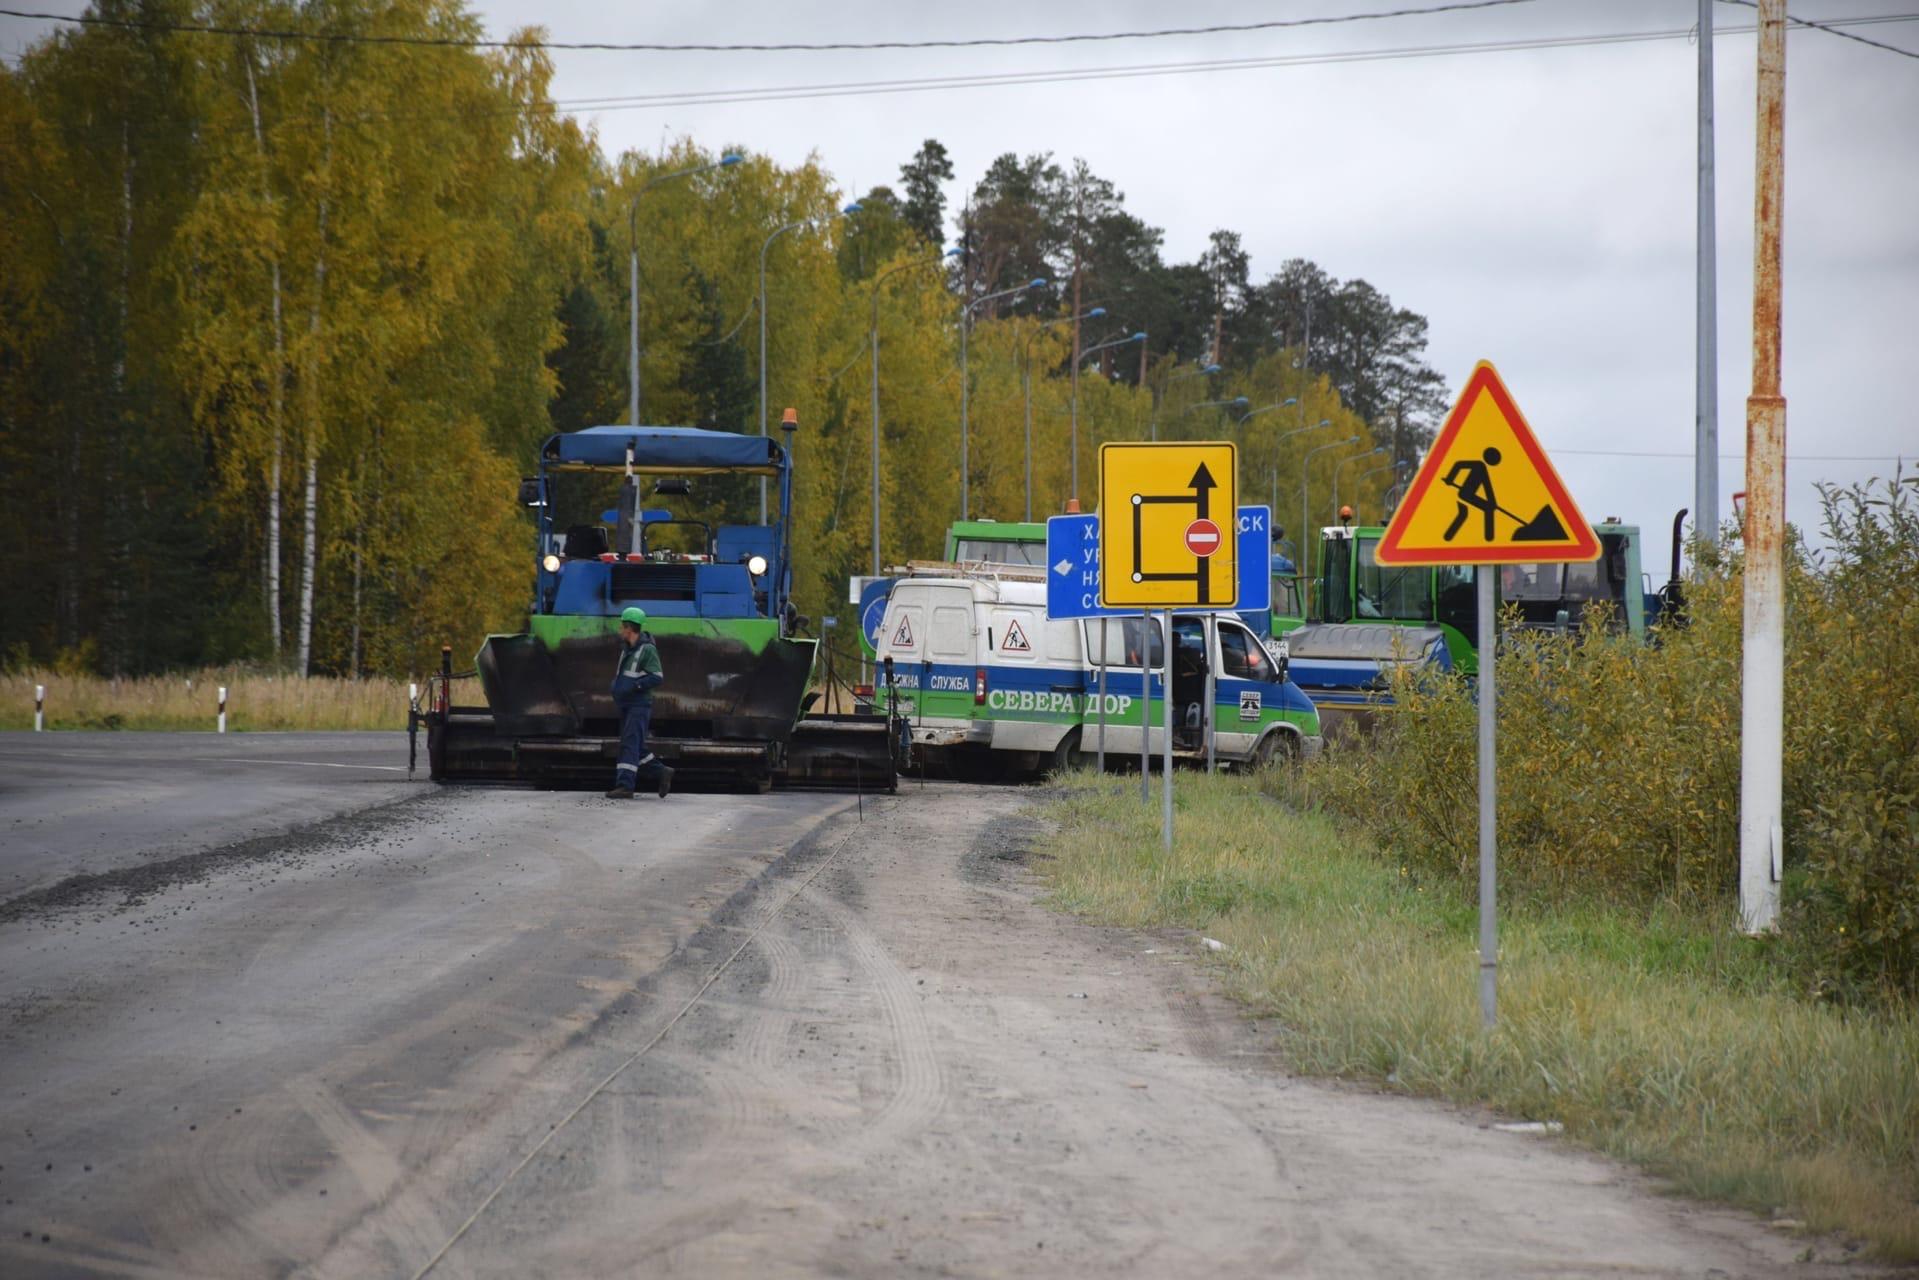 974 югорчанина приняли участие в опросе по ремонту городских дорог